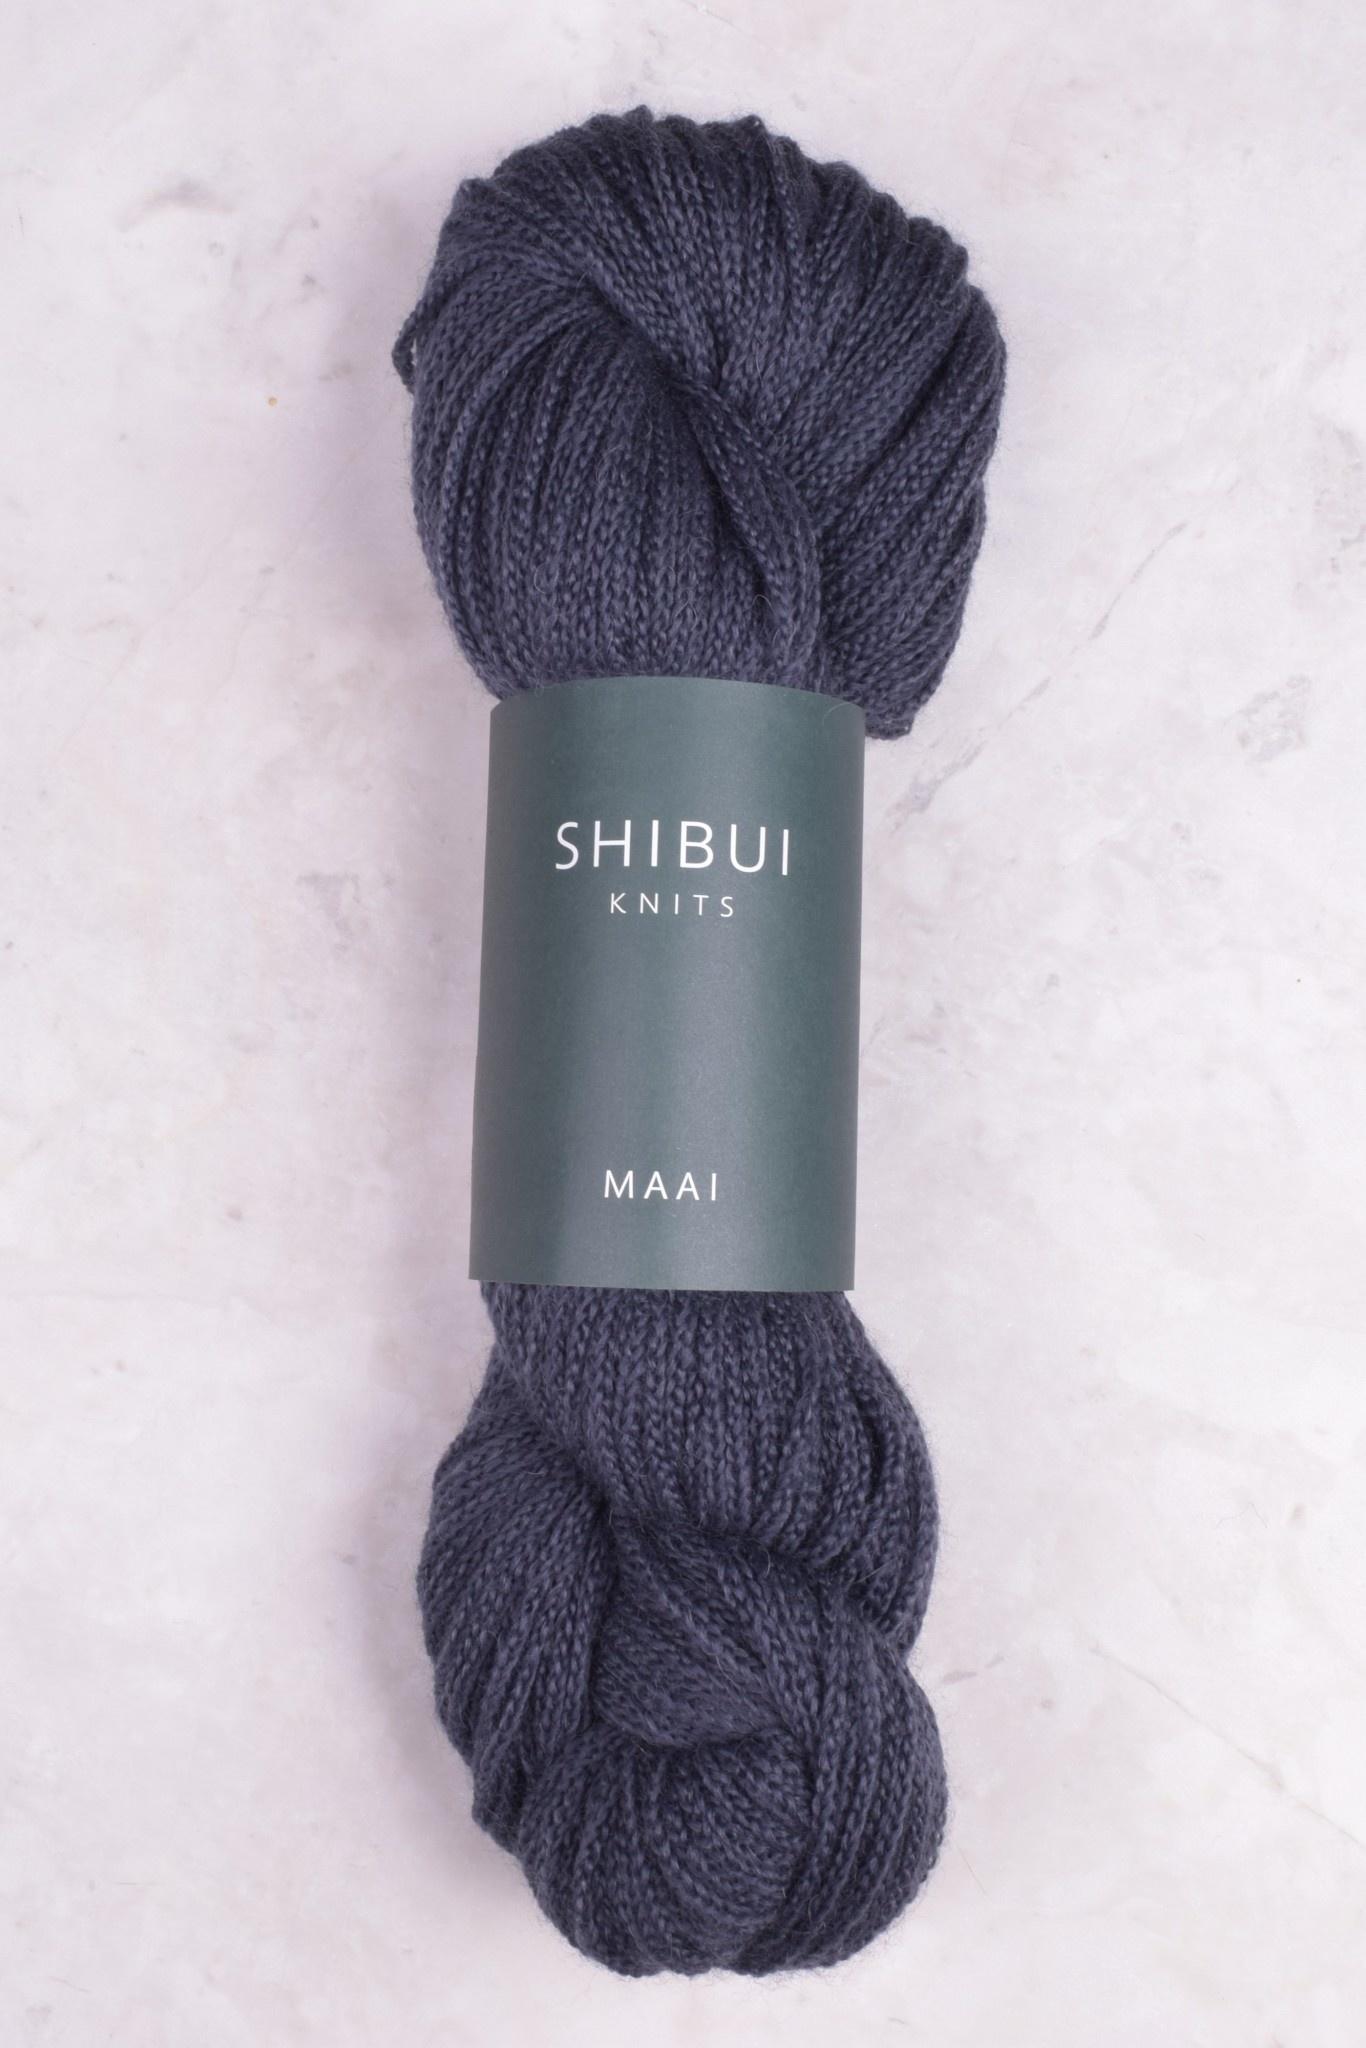 Image of Shibui Maai 2186 Dusk (Discontinued)